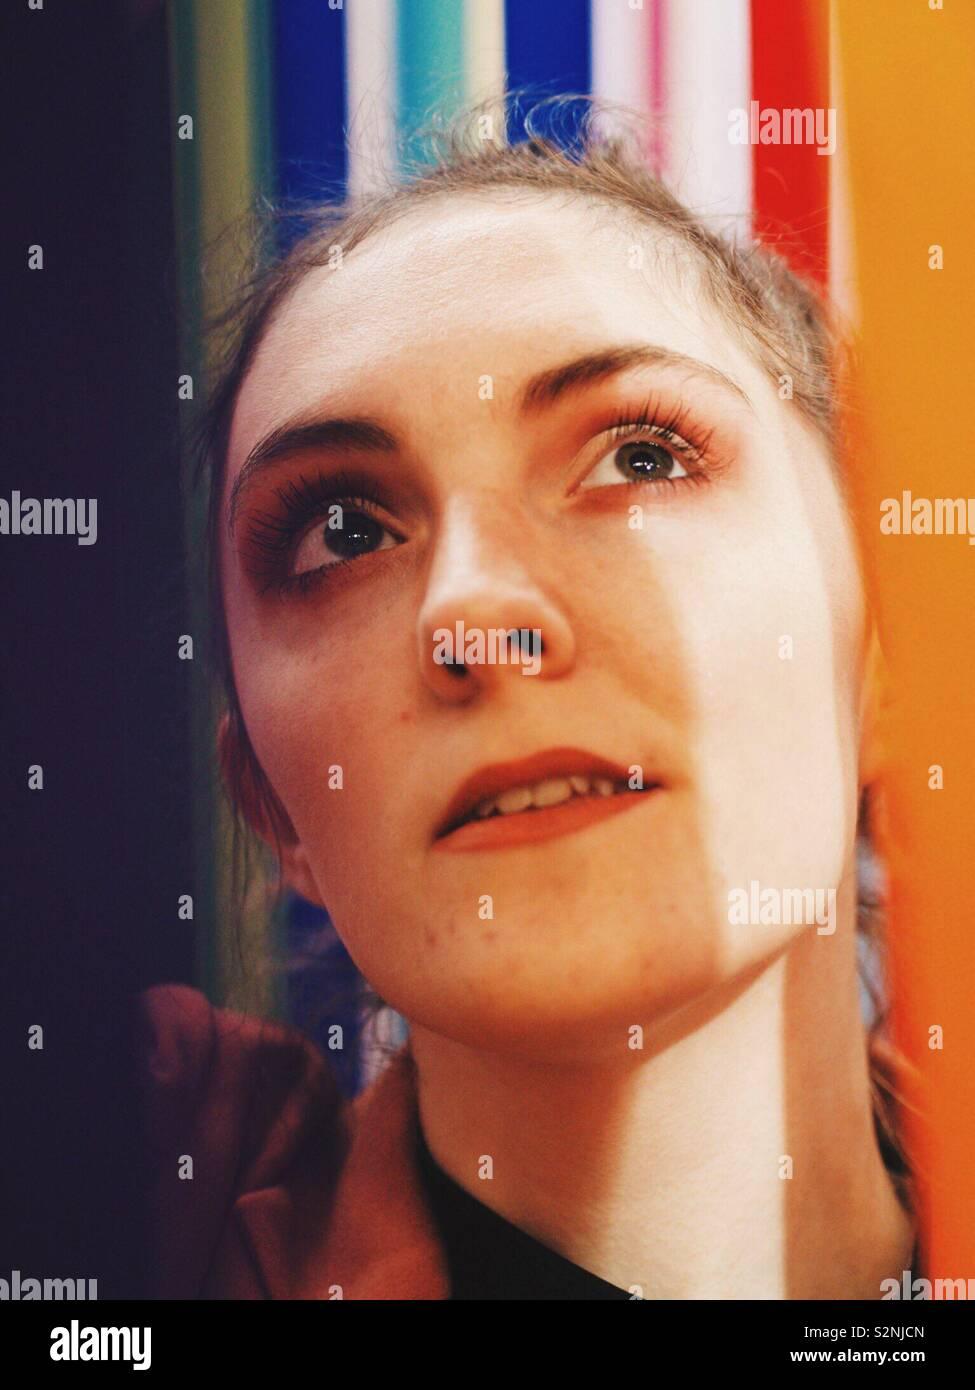 A me in nastri arcobaleno Foto Stock